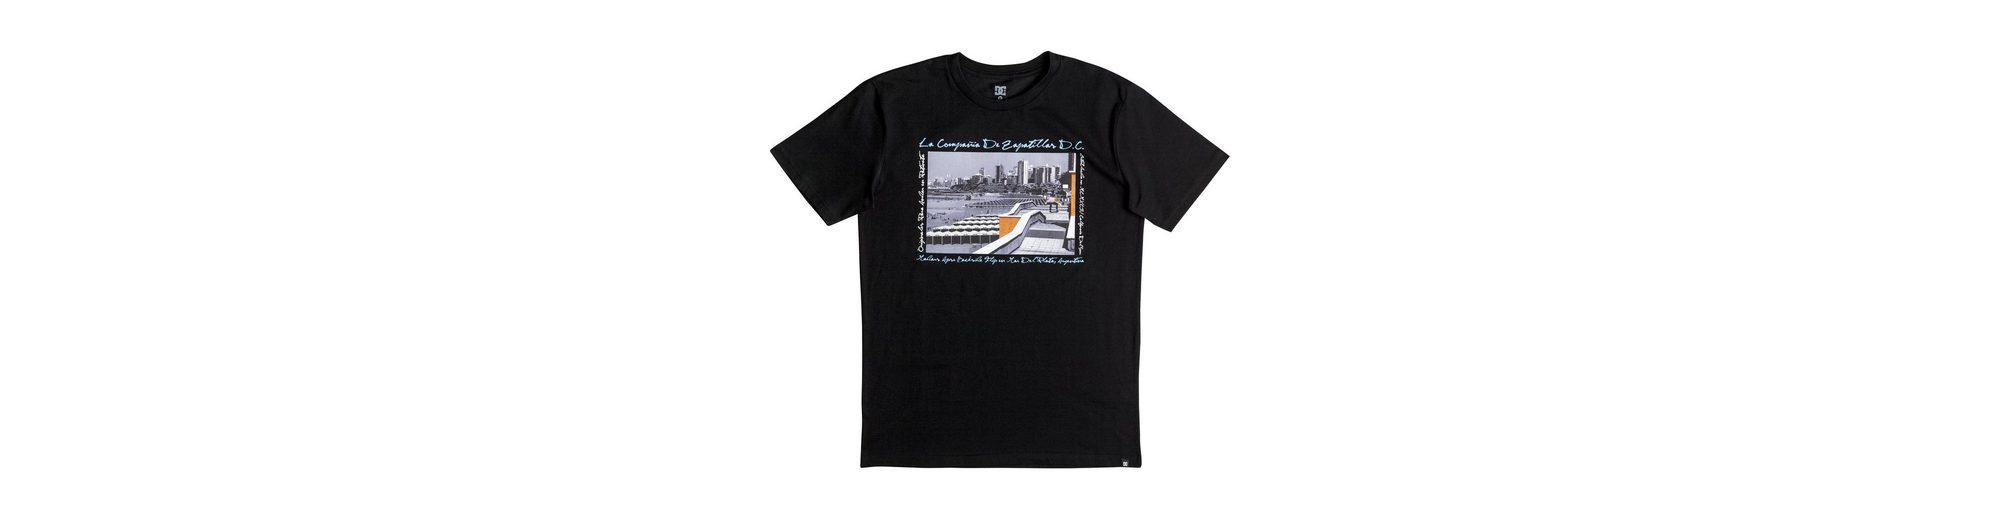 DC Shoes T-Shirt Madars Argentina - T-Shirt Auslass Schnelle Lieferung Rabatt-Websites XuZY6ZW